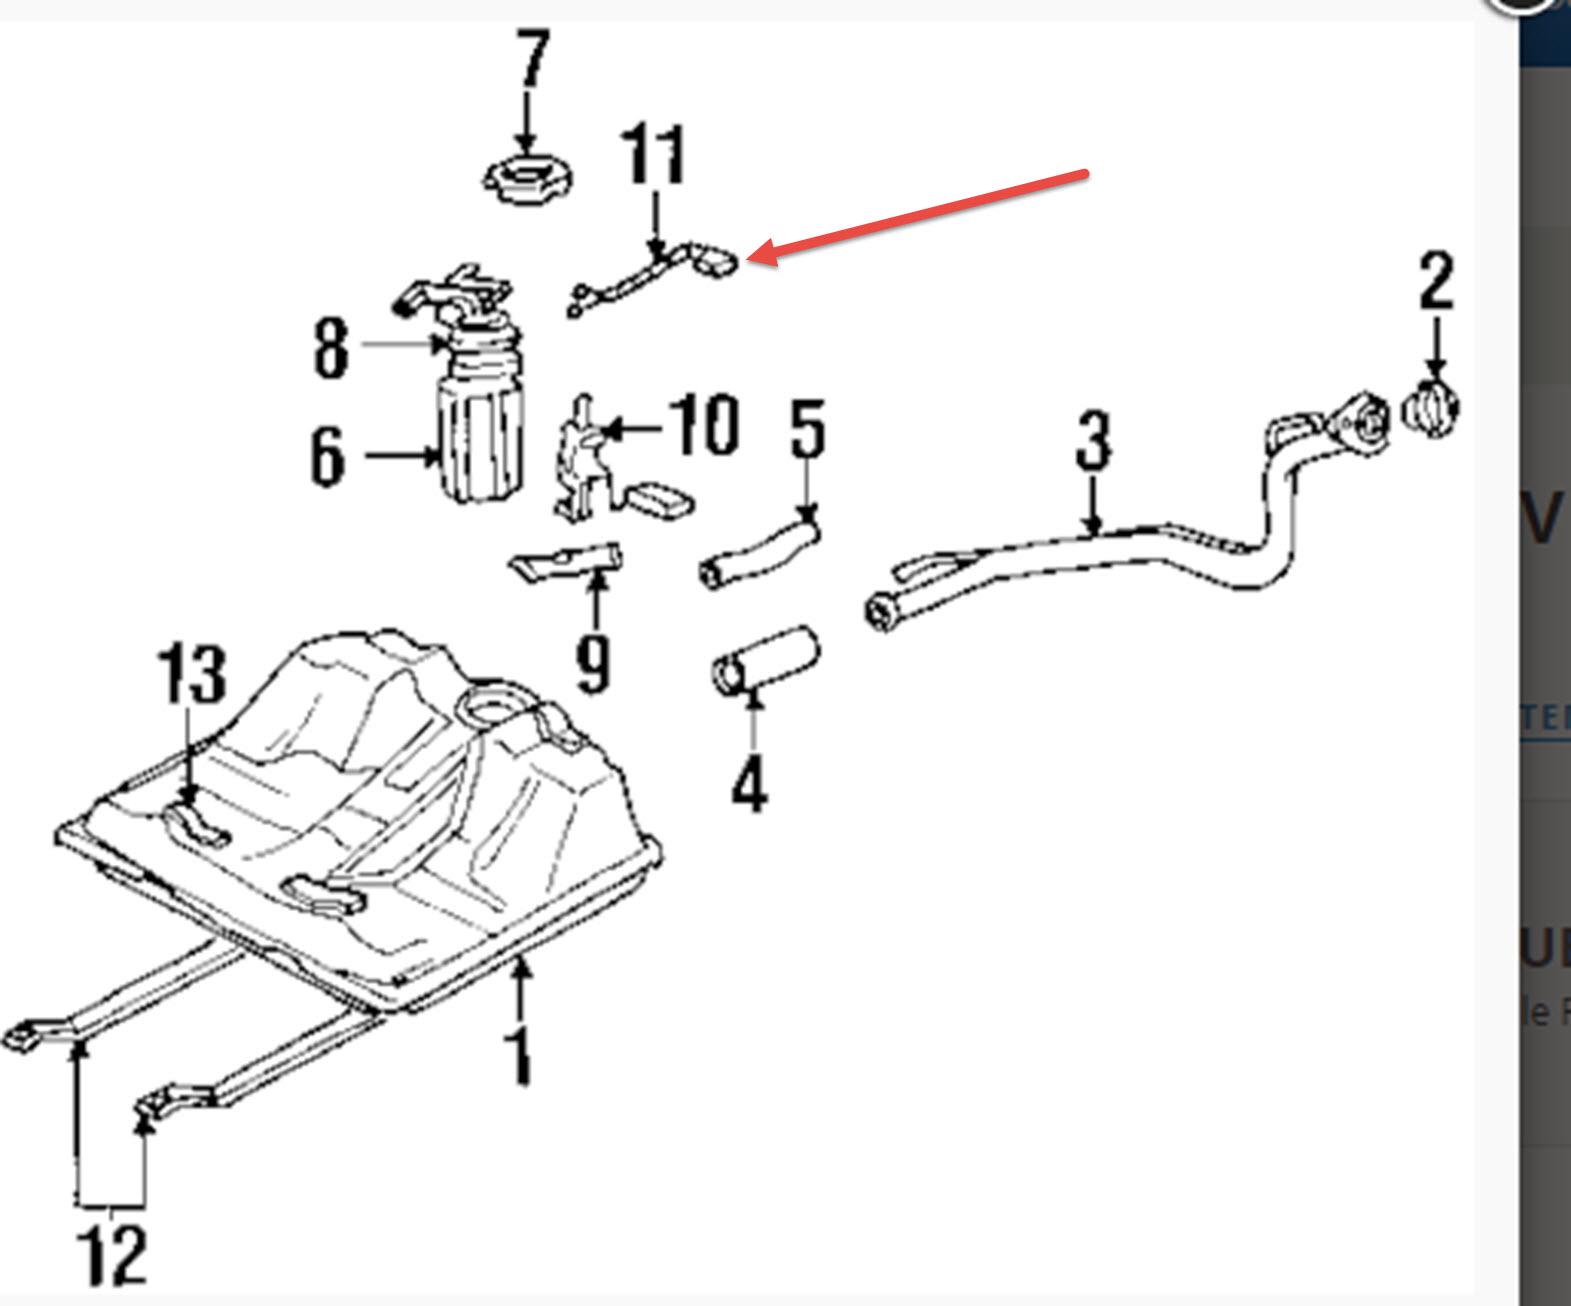 Car Wont Start PLEASE Help!: My 99 Chevy Lumina Ltz Won't